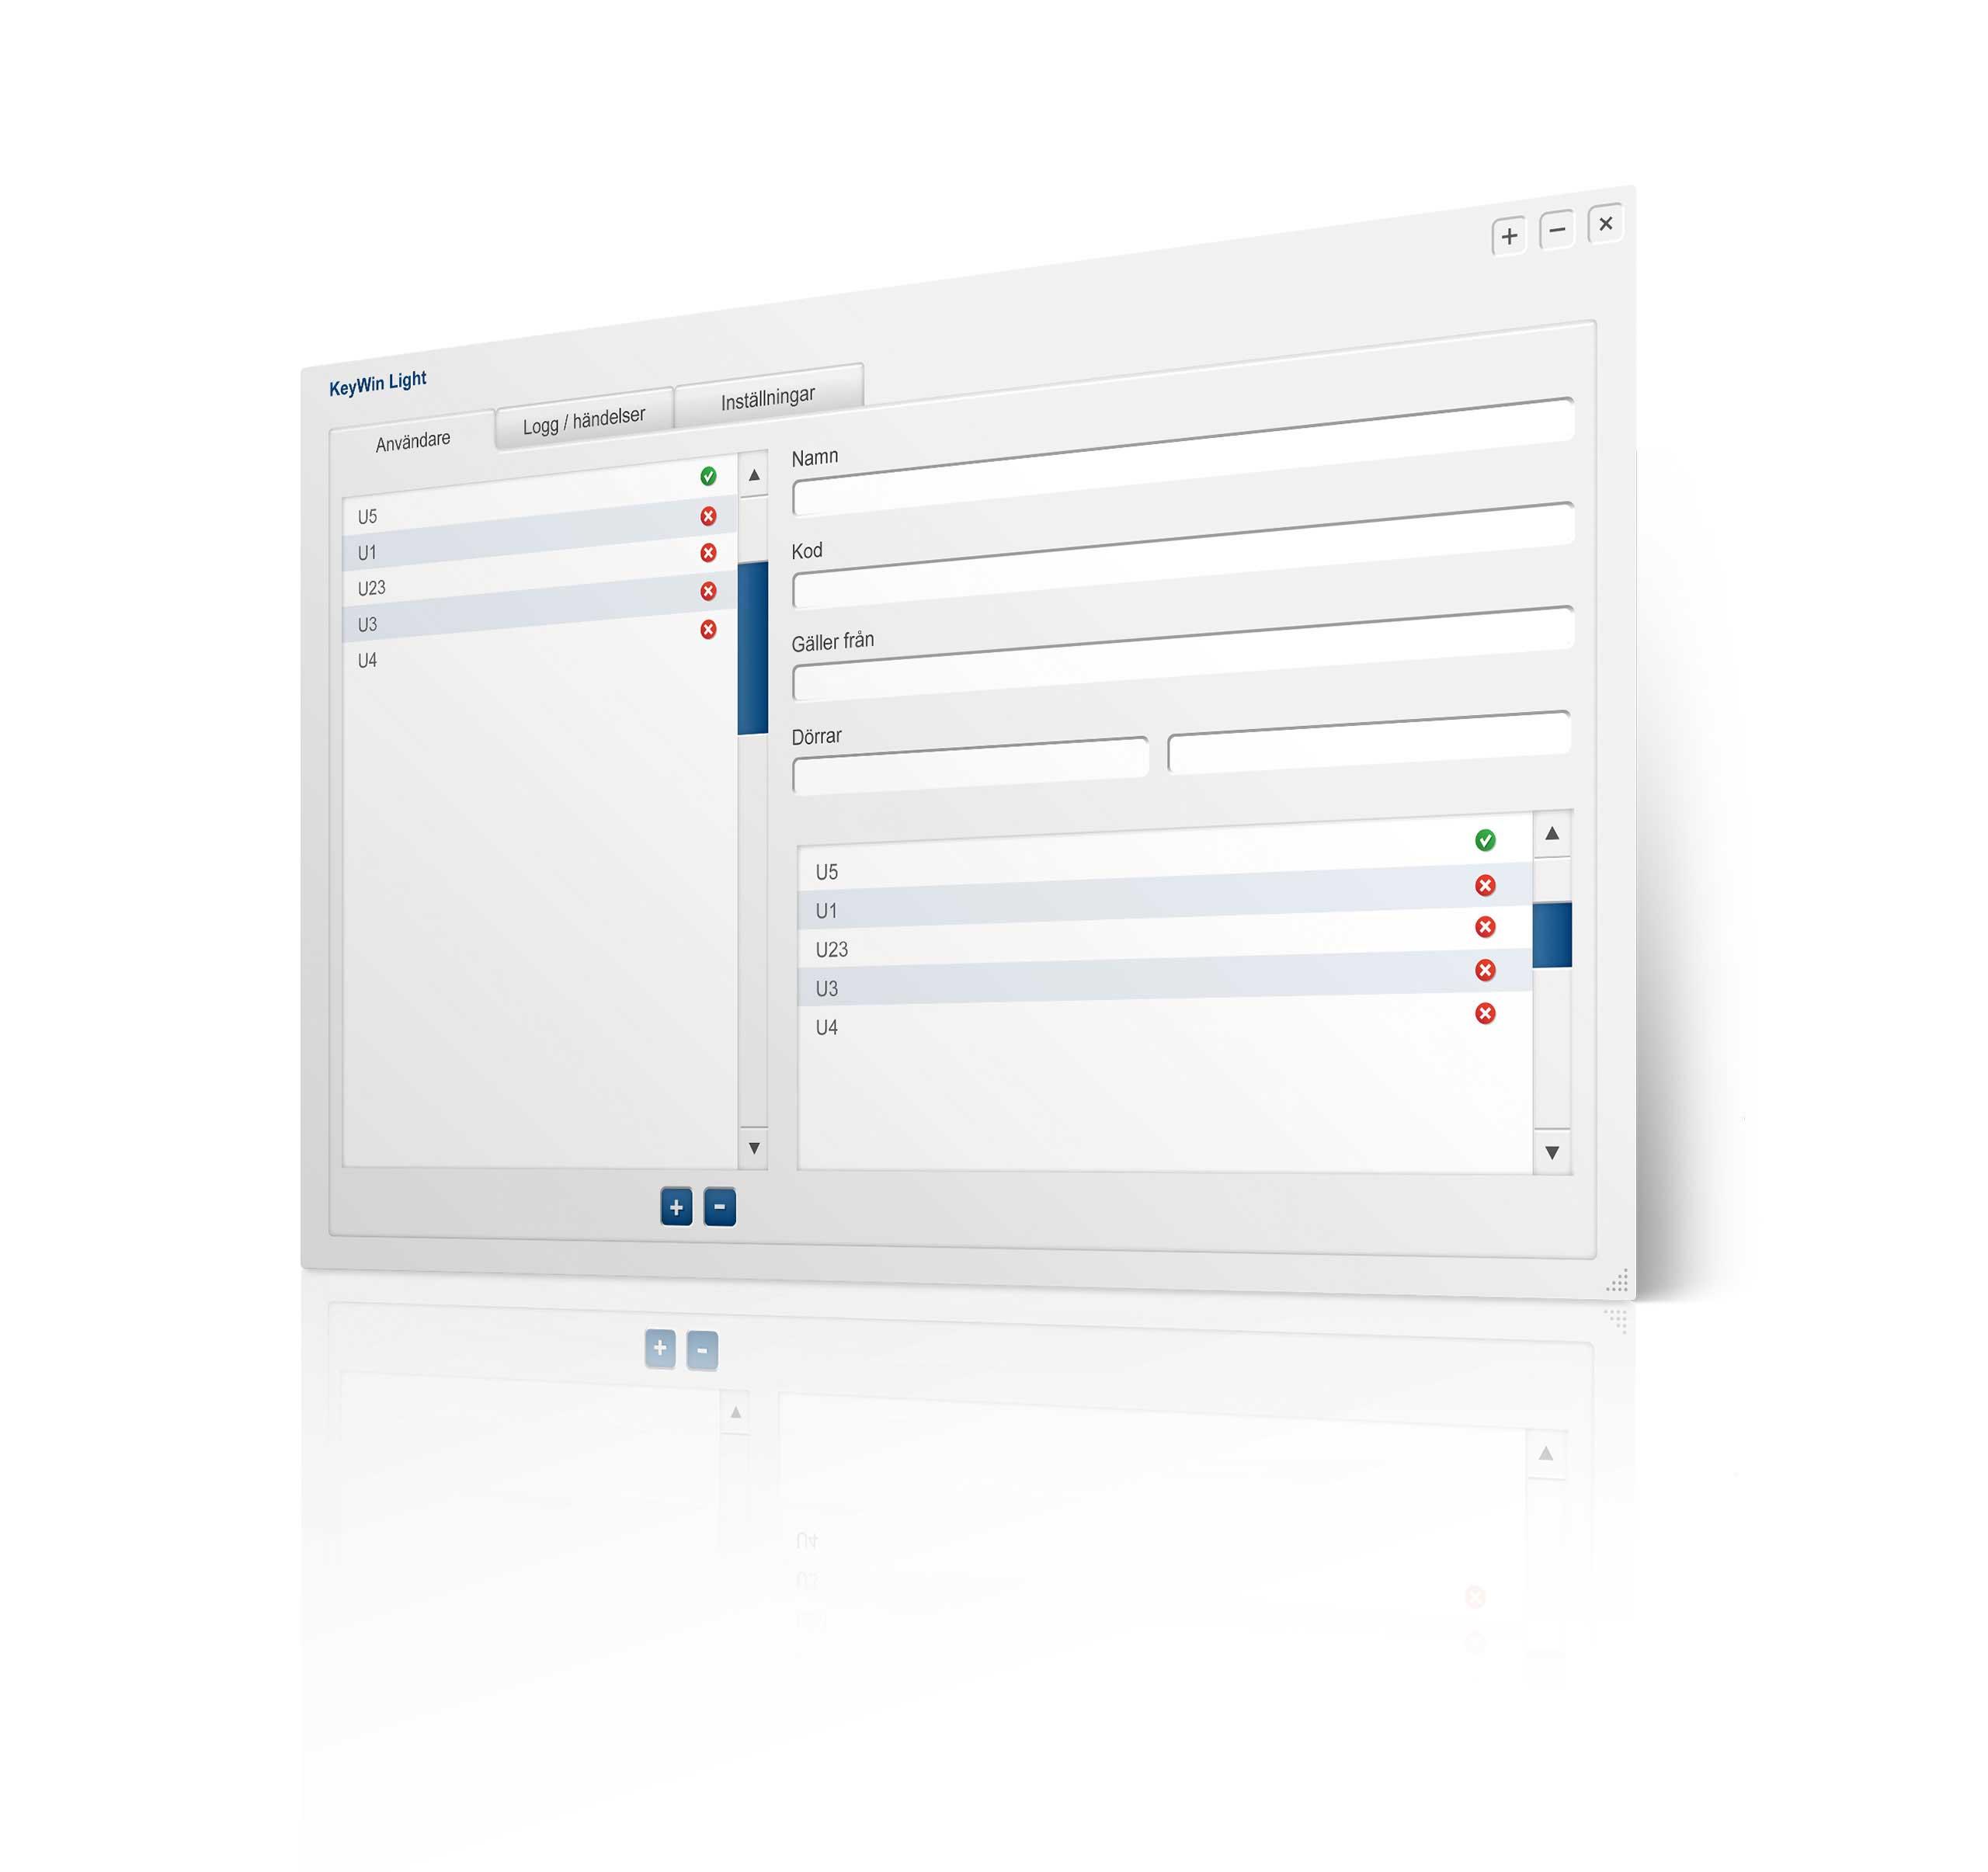 Programmansicht der Schlüsselverwaltungssoftware KeyWin Light